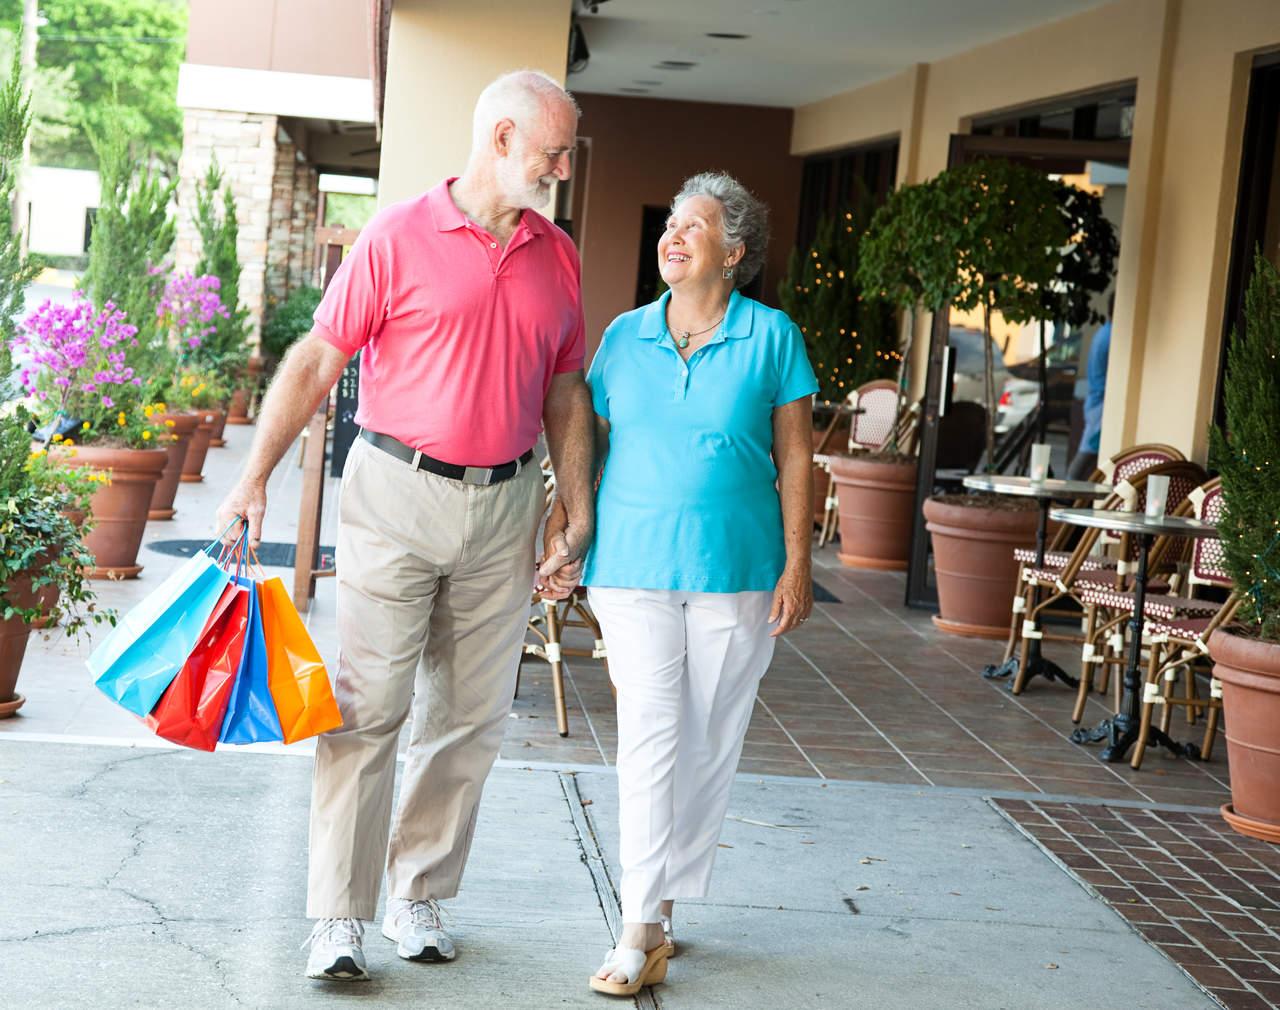 Actividades recreativas y mentales previenen Alzheimer, señala neurólogo